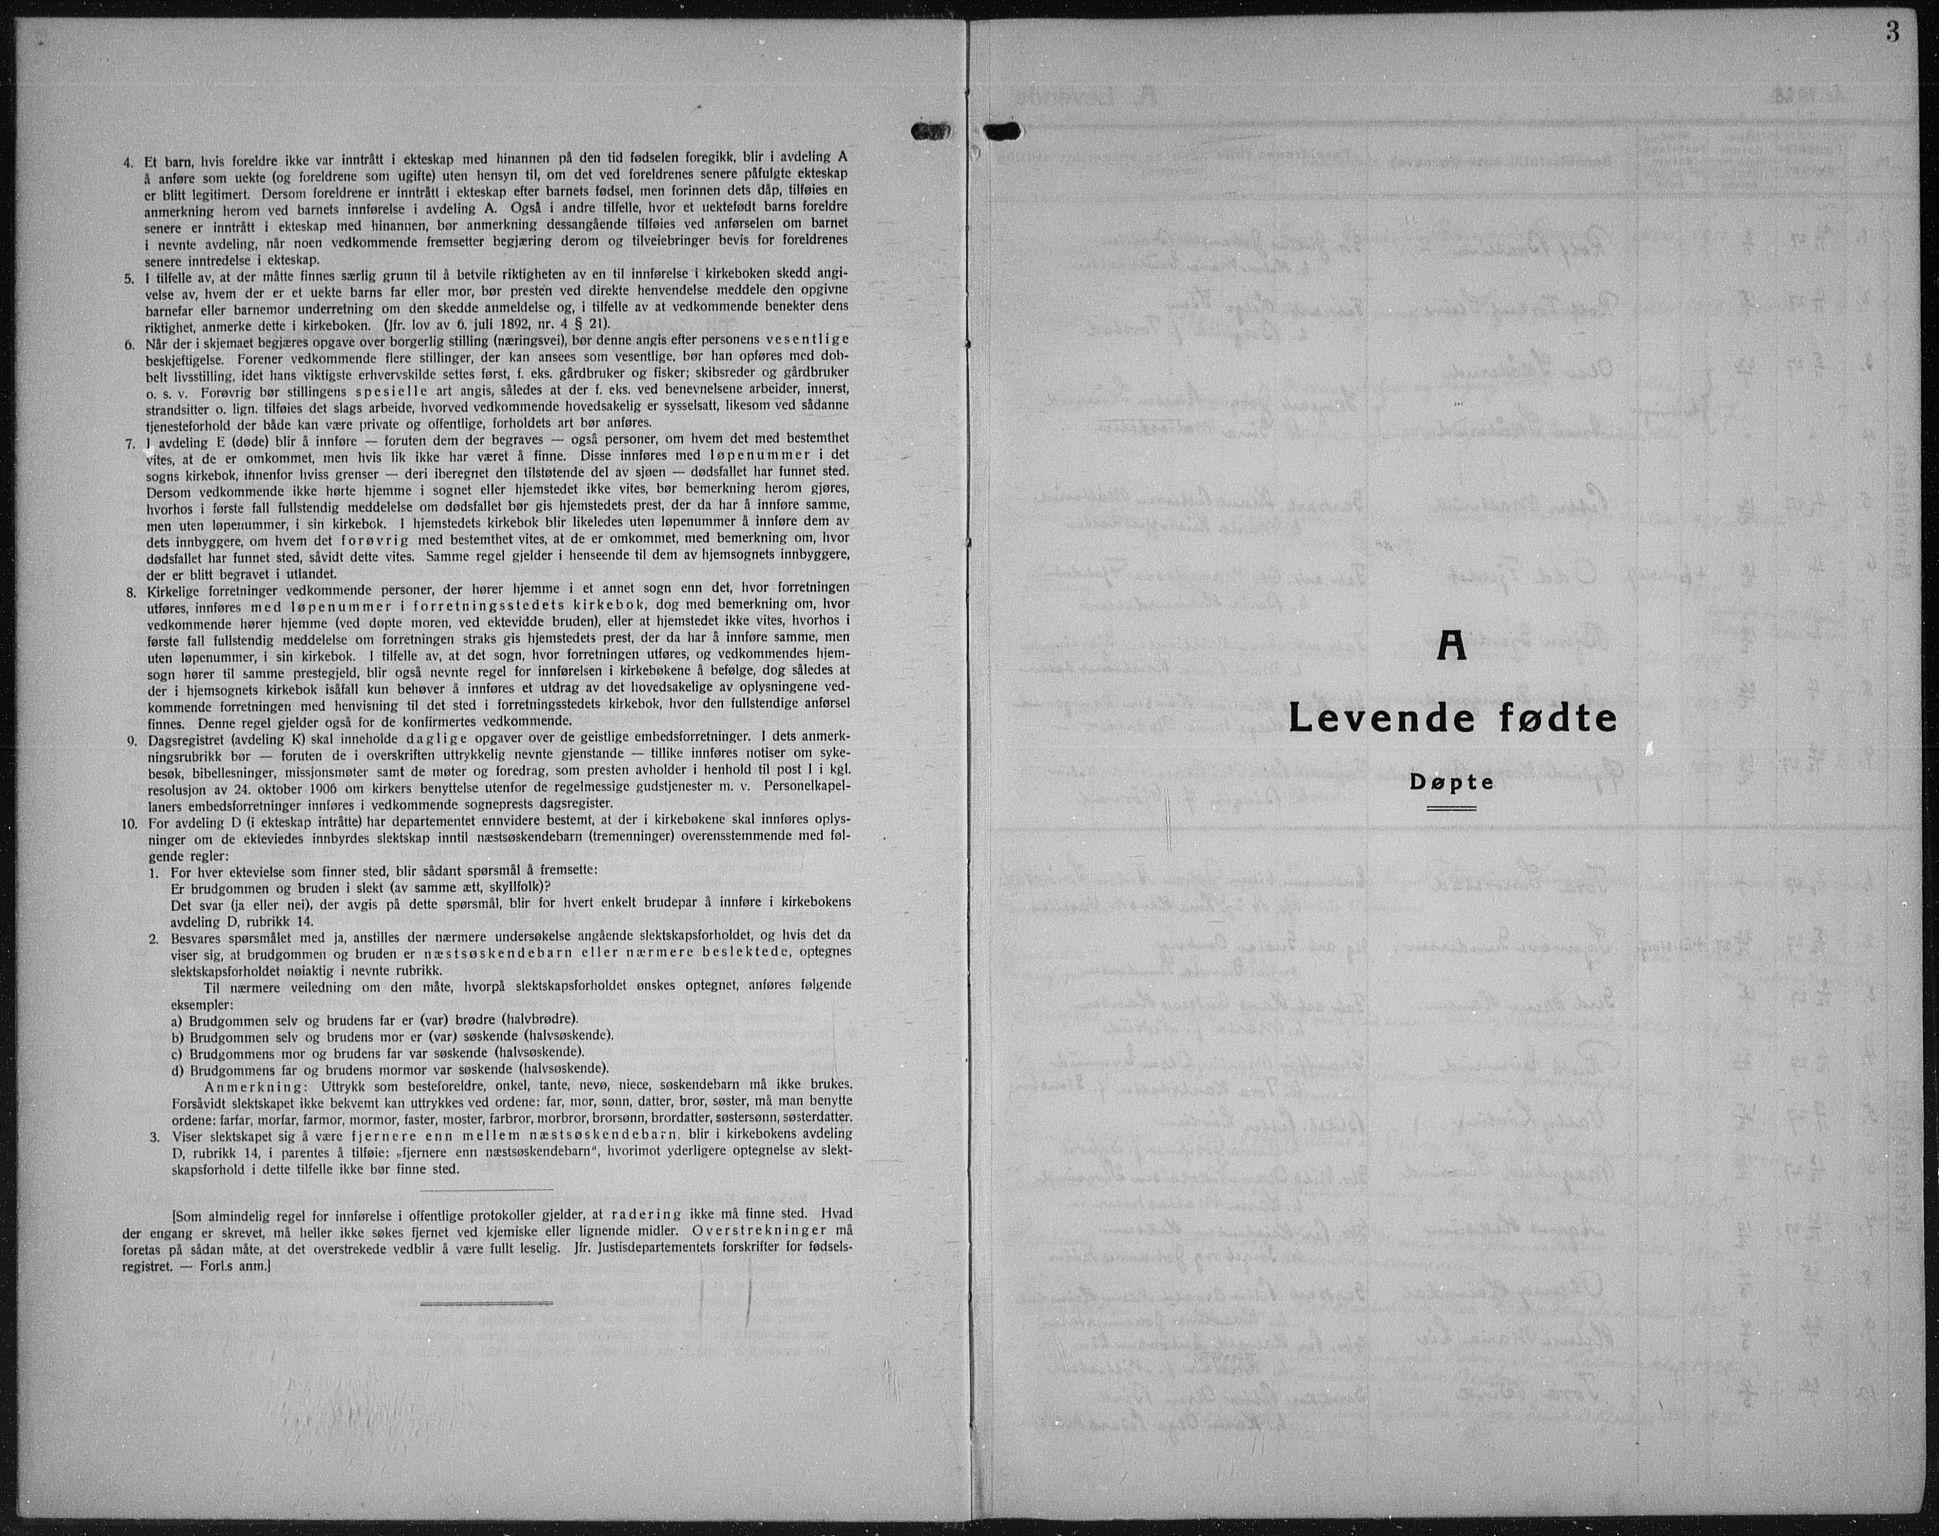 SAH, Vestre Toten prestekontor, Klokkerbok nr. 18, 1928-1941, s. 3